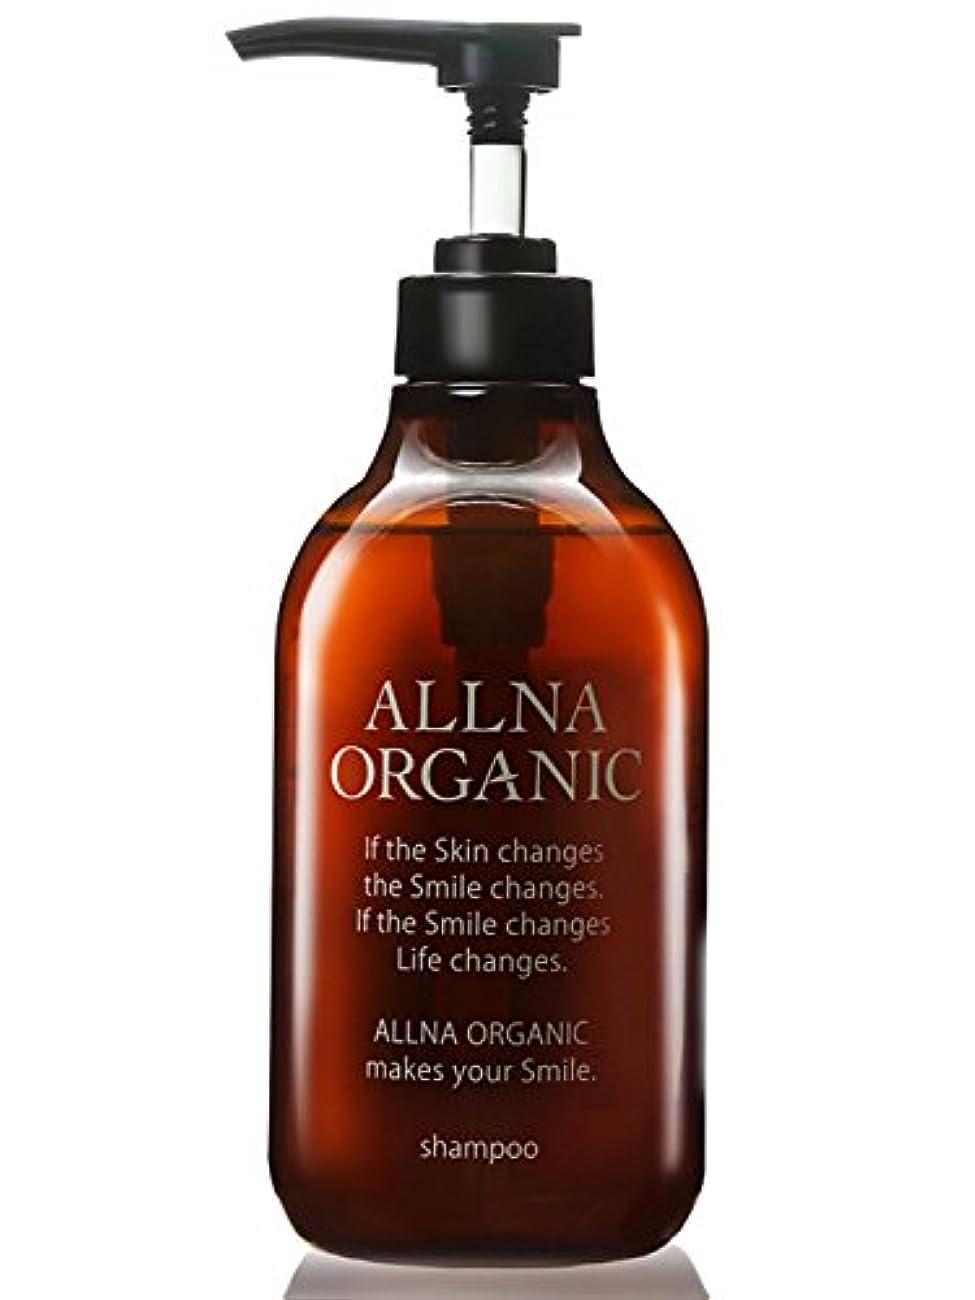 主人踏みつけ確認オルナ オーガニック シャンプー 無添加 ノンシリコン 天然由来 無香料でボタニカルな香り「コラーゲン ヒアルロン酸 ビタミンC誘導体 セラミド 配合」500ml (シャンプー ポンプ) (スムース)